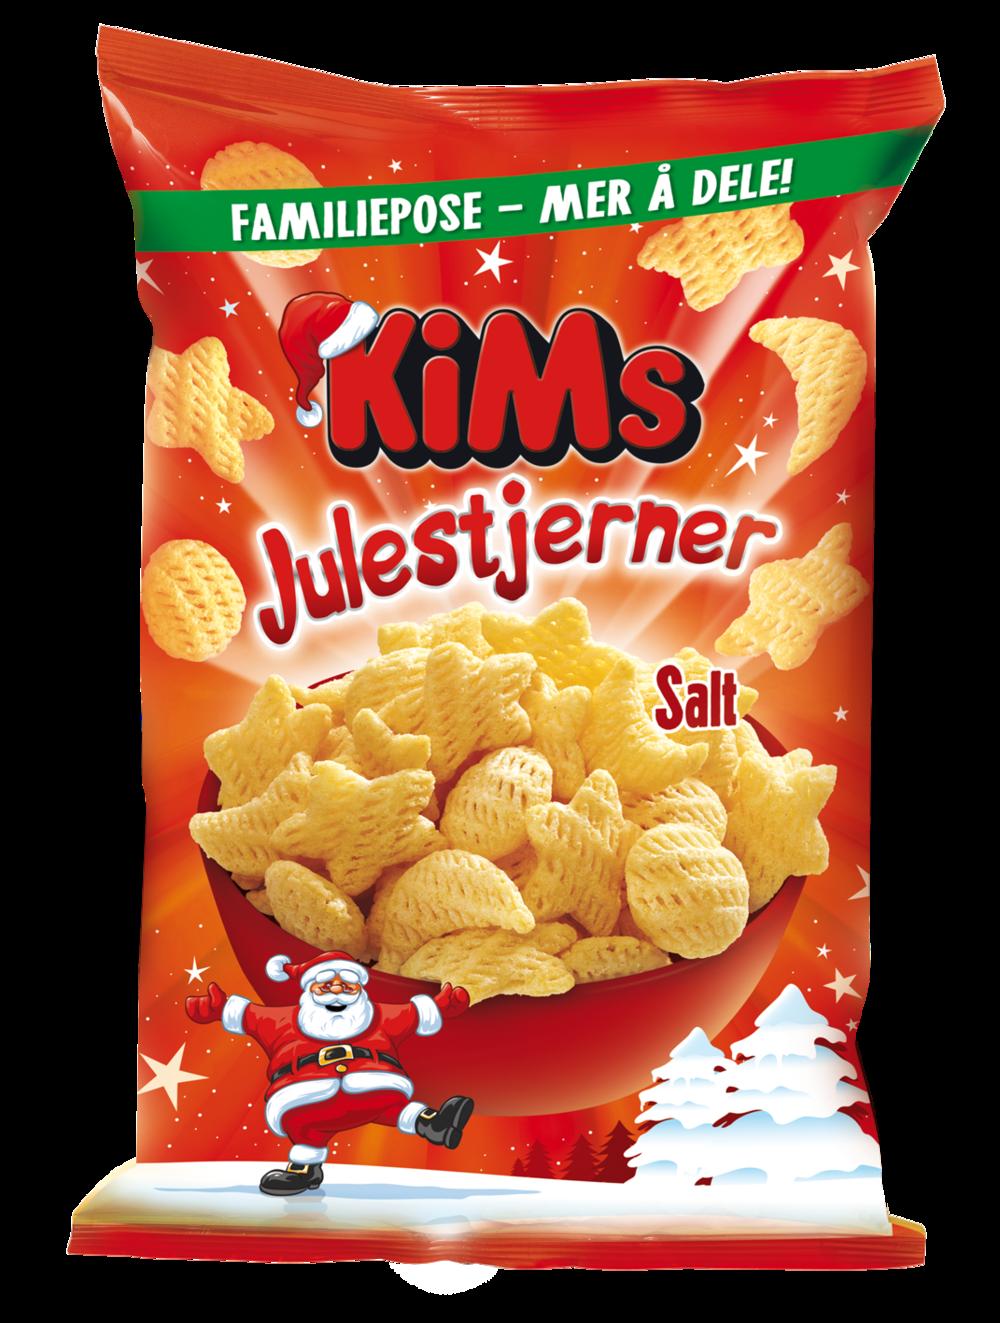 KIMS Julestjerner